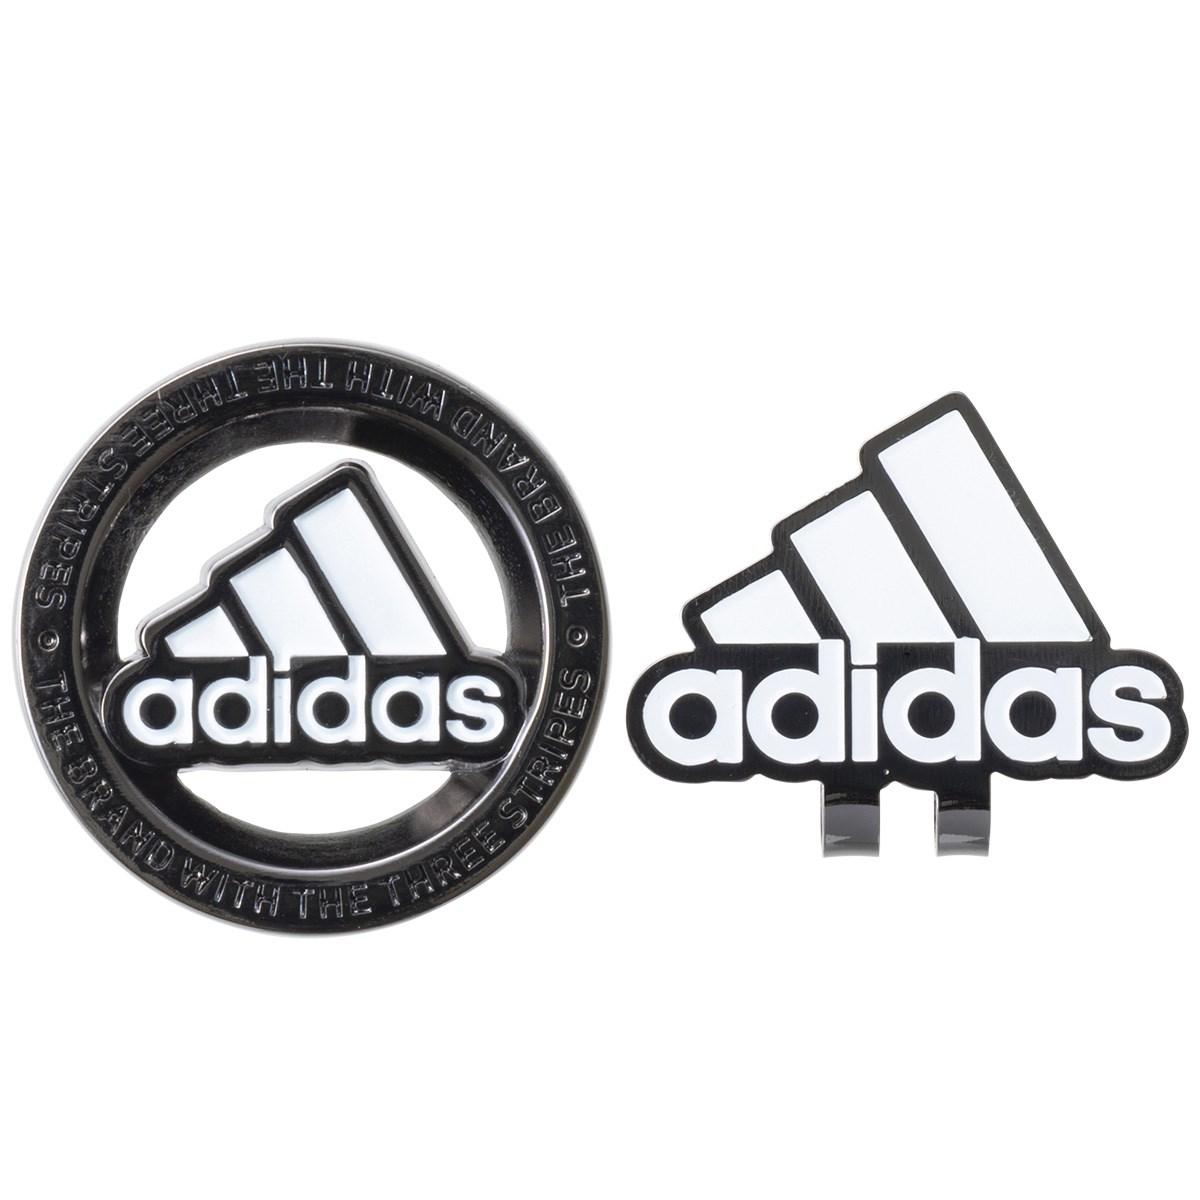 アディダス Adidas コアベーシック クリップマーカー ホワイト